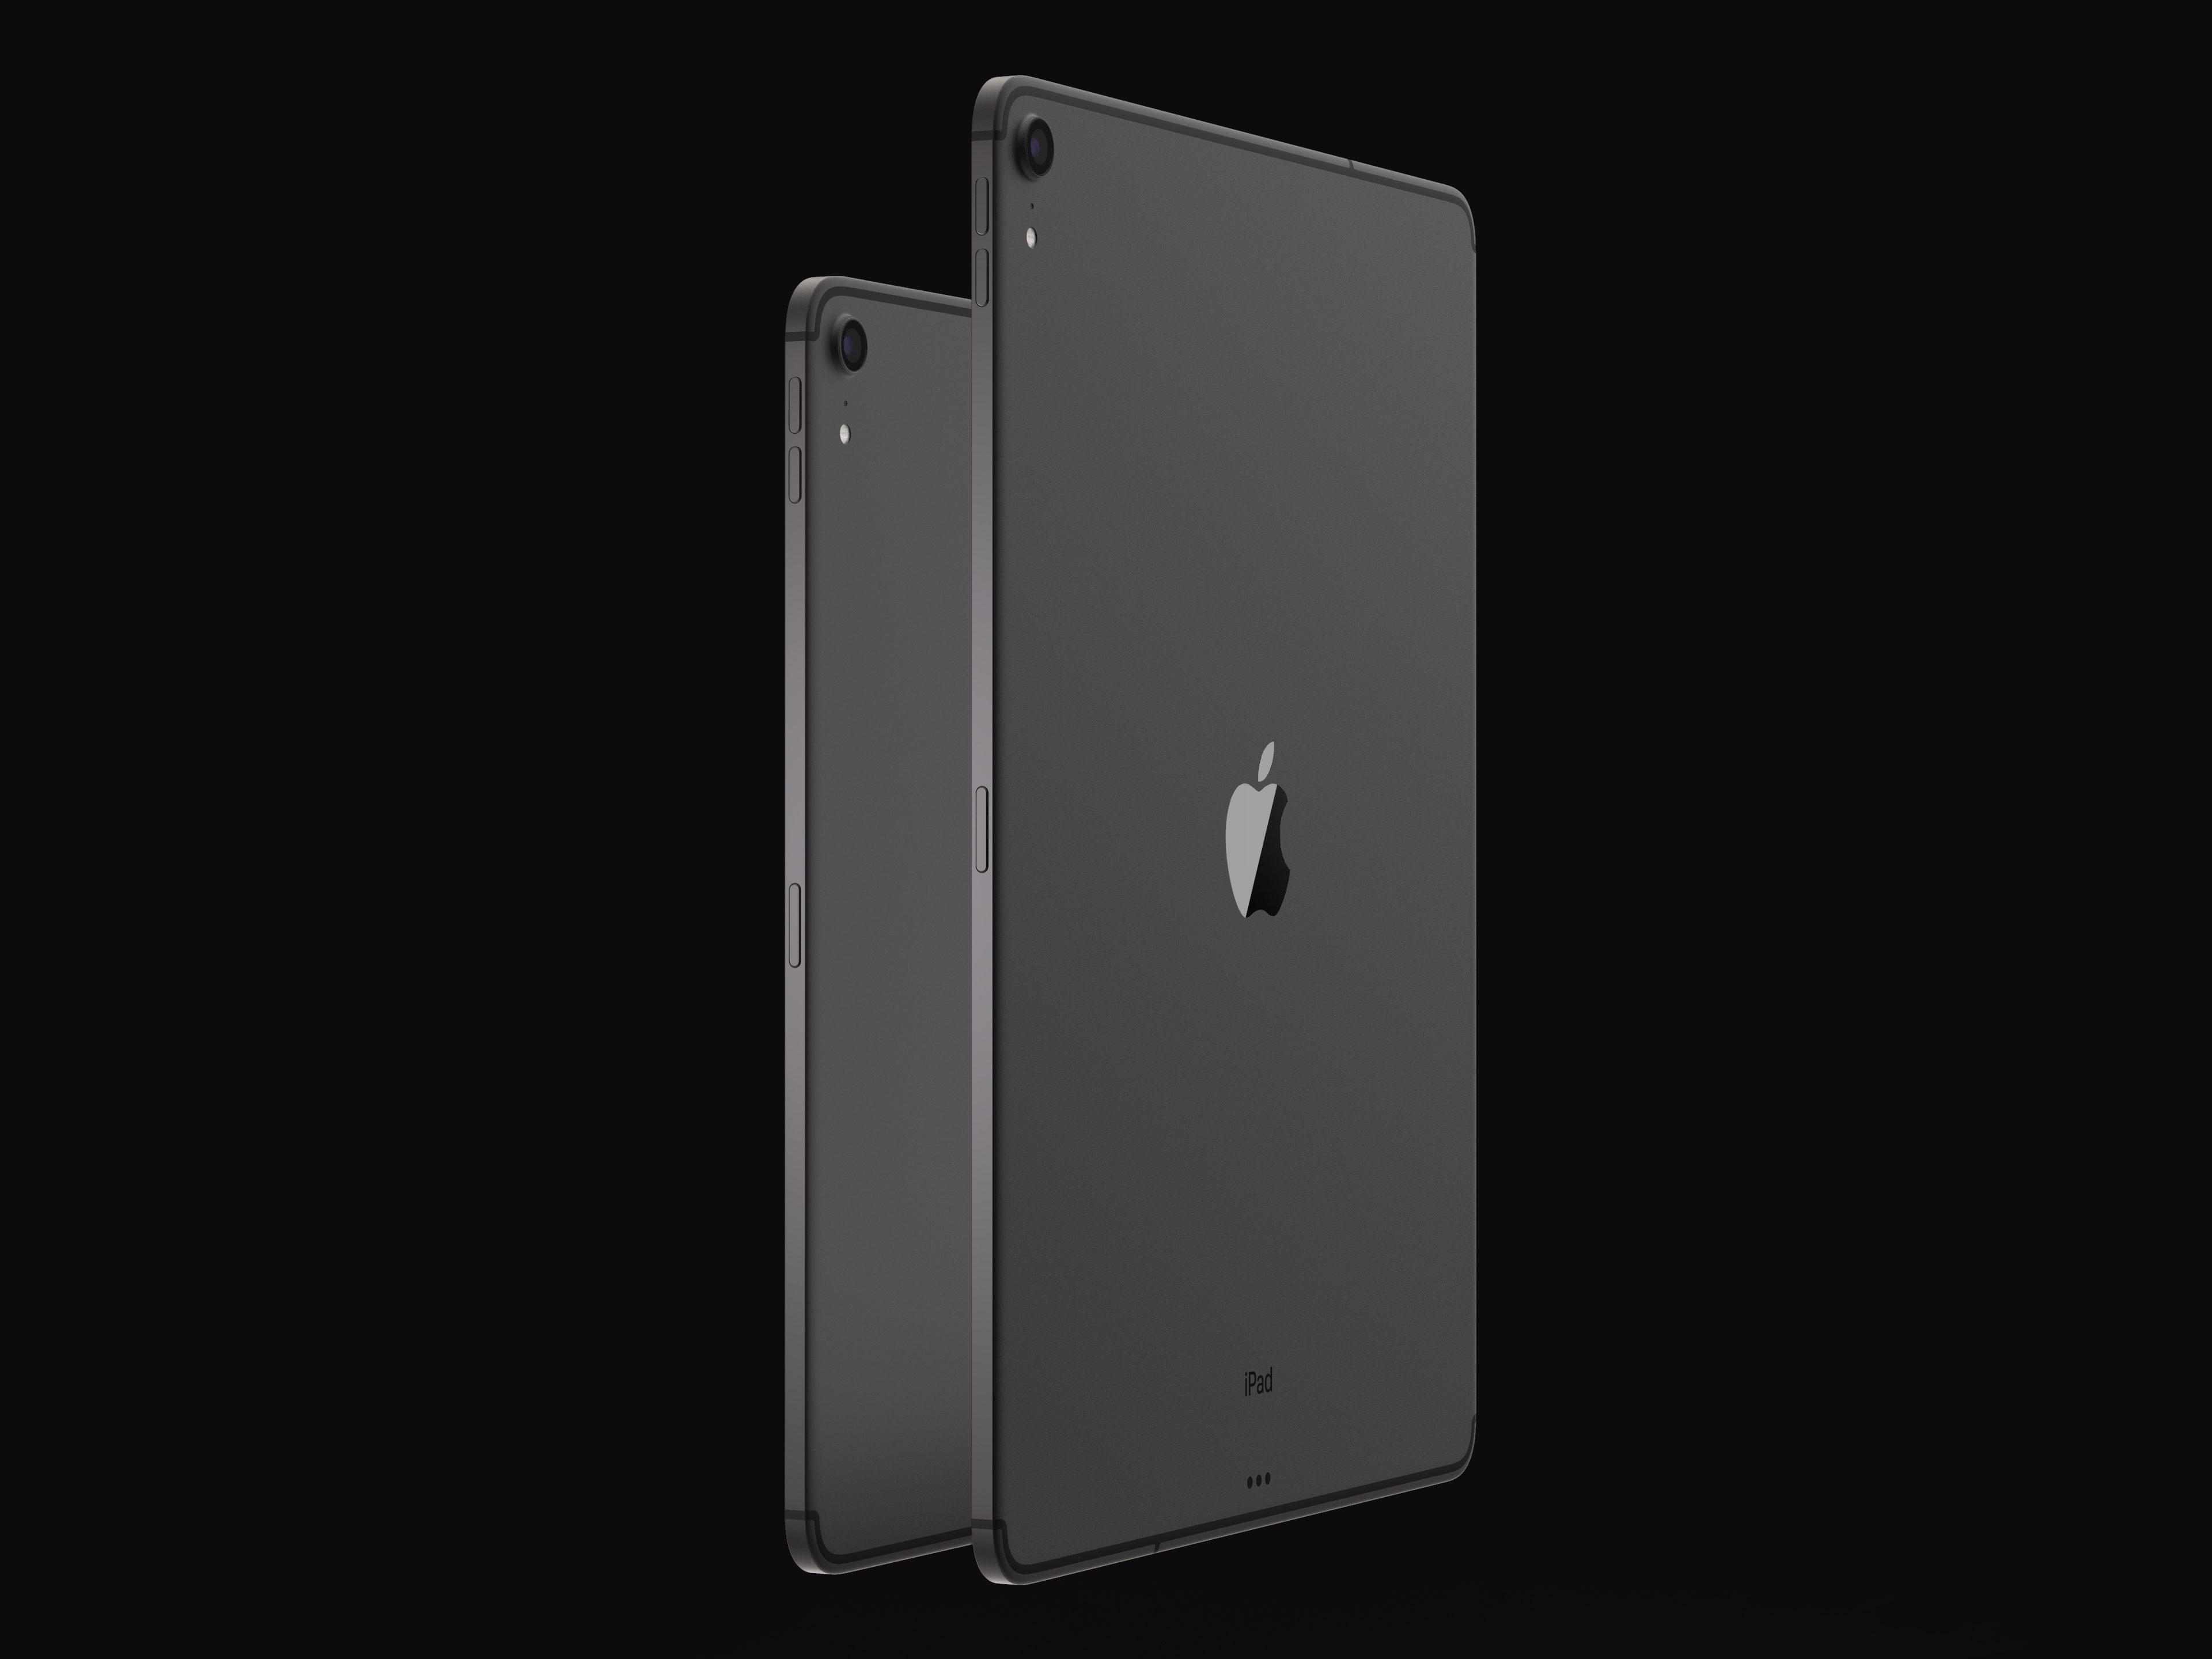 iPad Pro 2018 設計搶先睇 Face ID、USB-C、極窄邊框